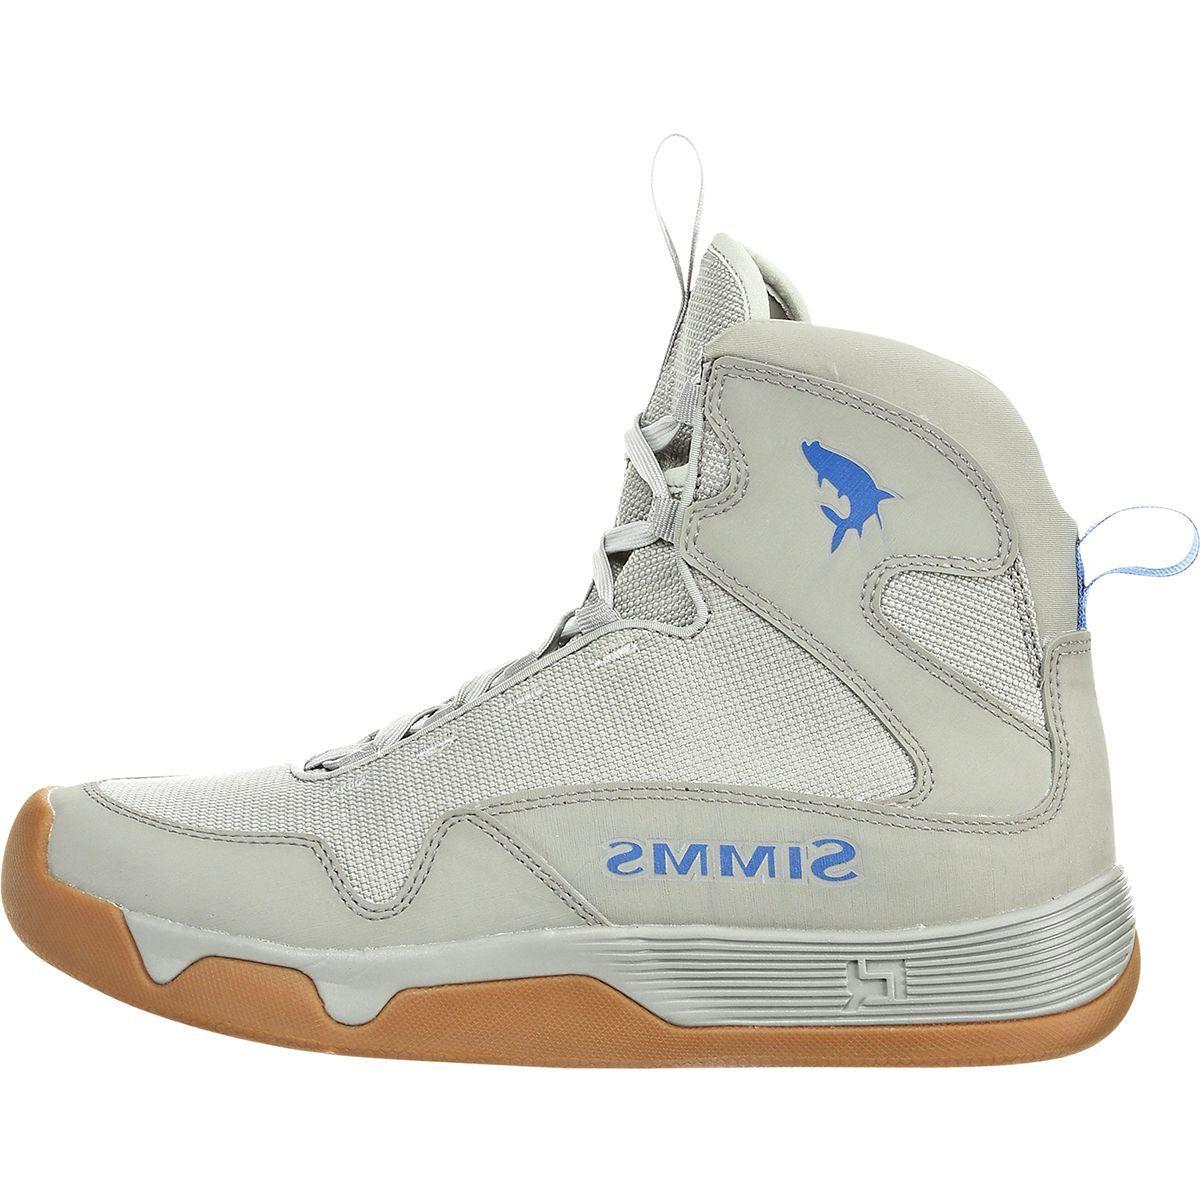 Simms Flats Sneaker- Women's